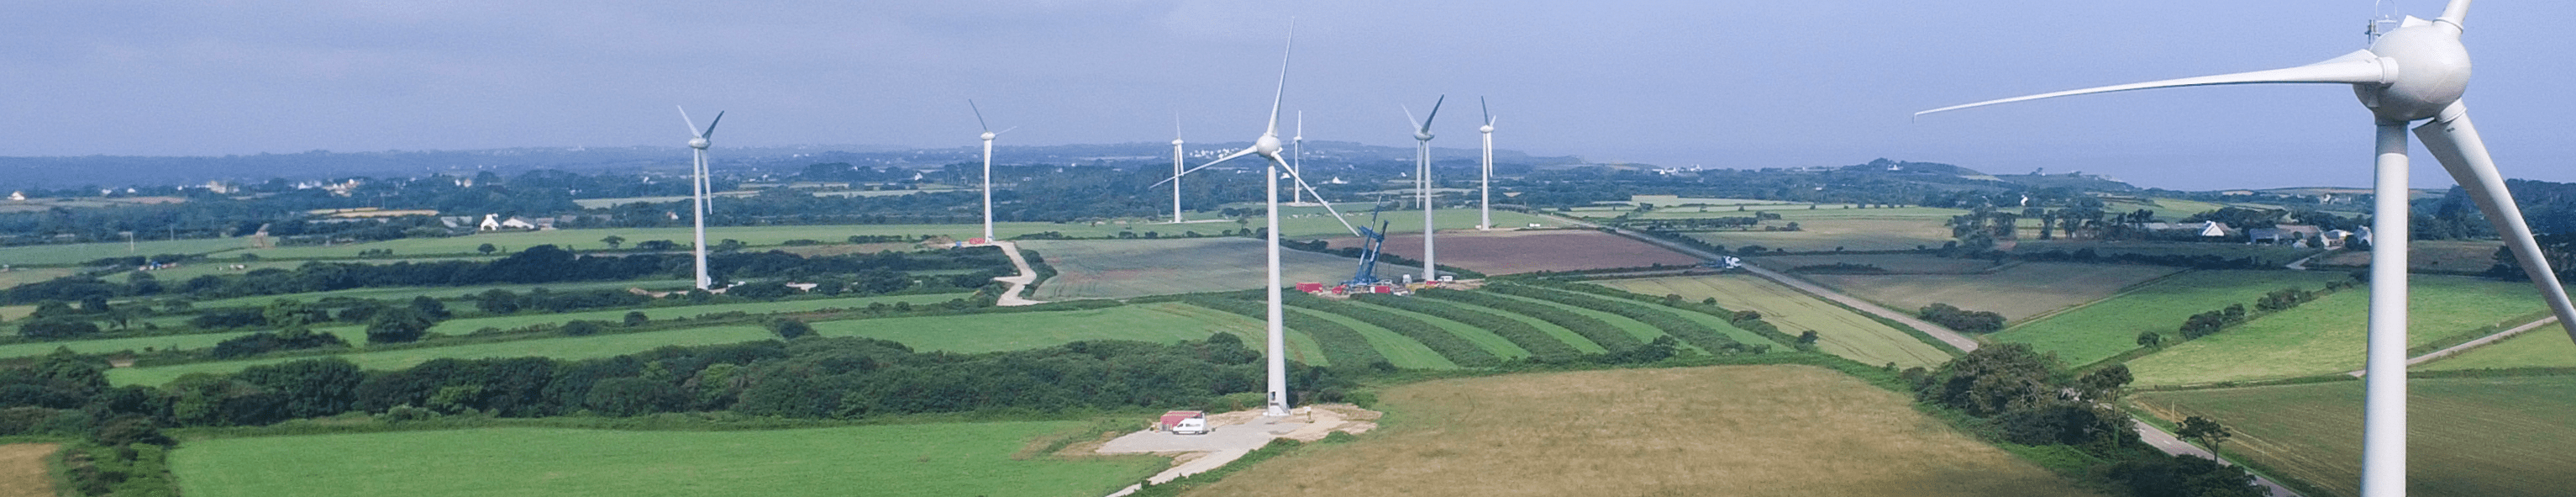 parc éoliens total quadran éoliennes